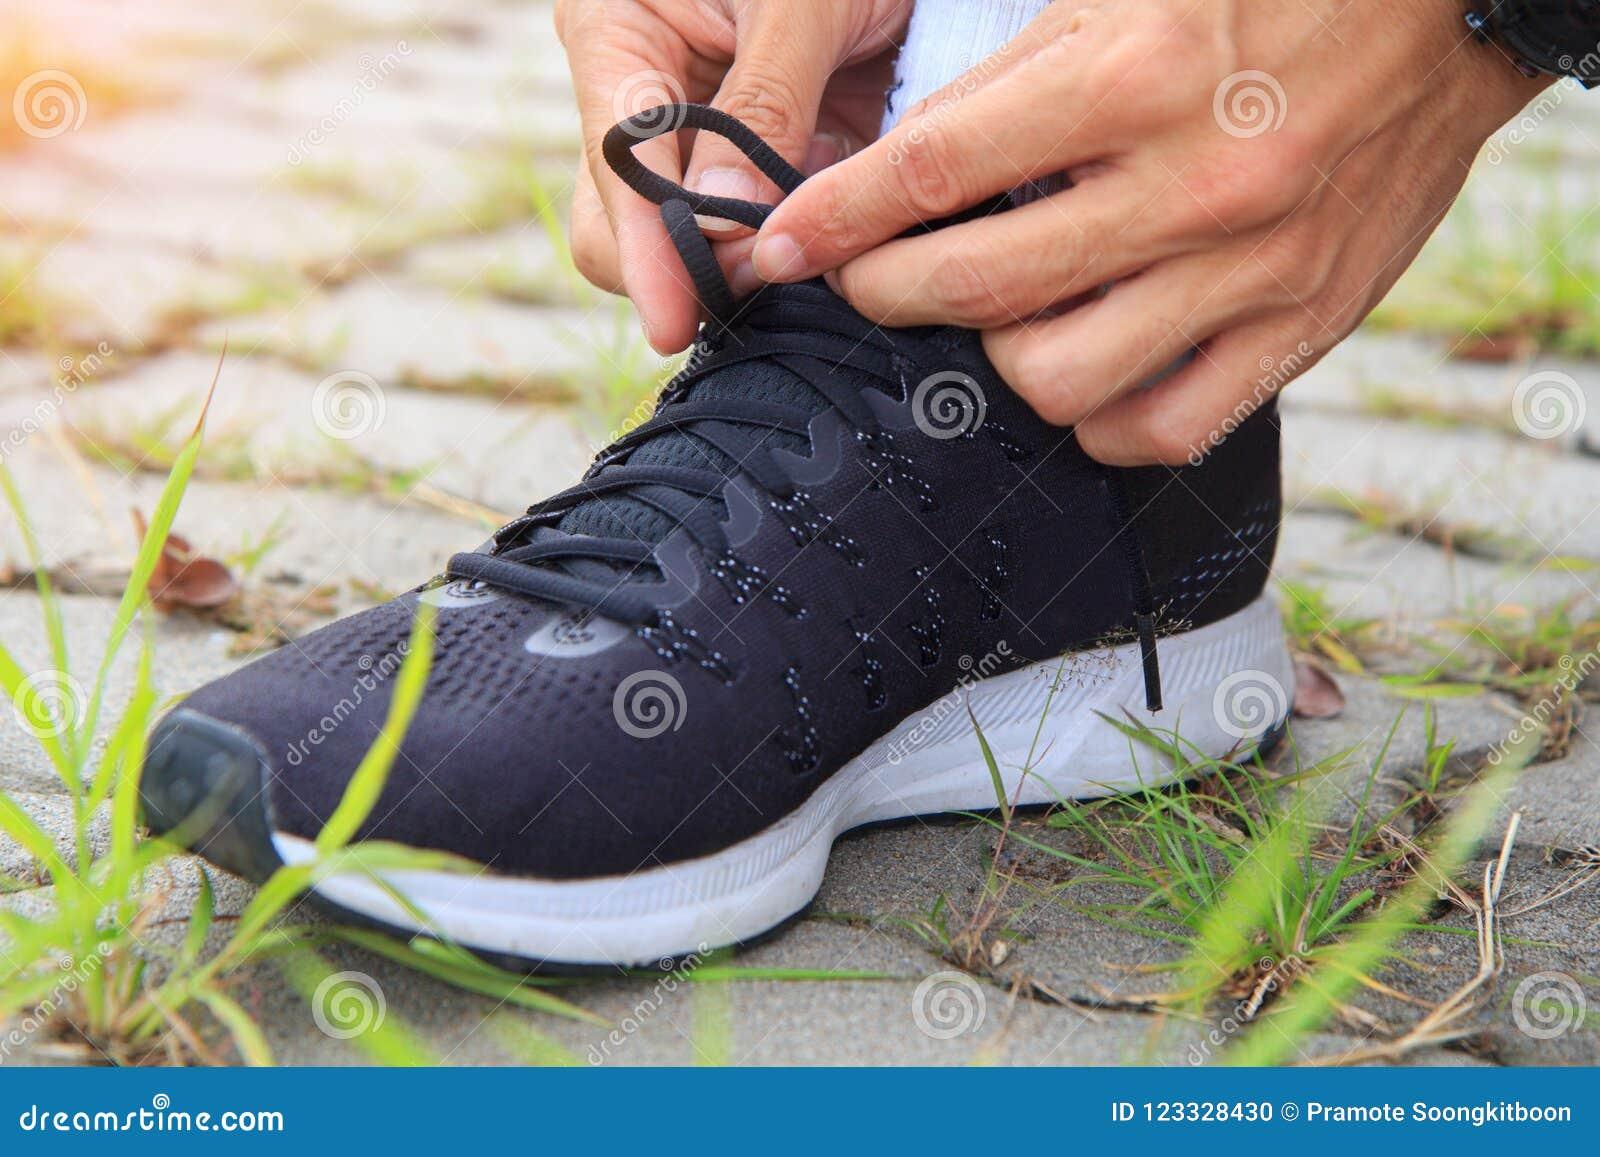 Bind de schoenen